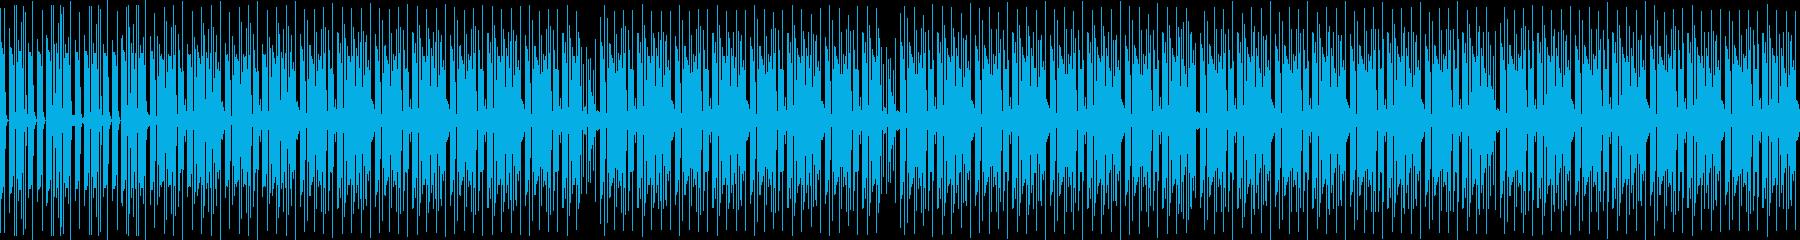 無機質で浮遊系なミニマルテクノの再生済みの波形